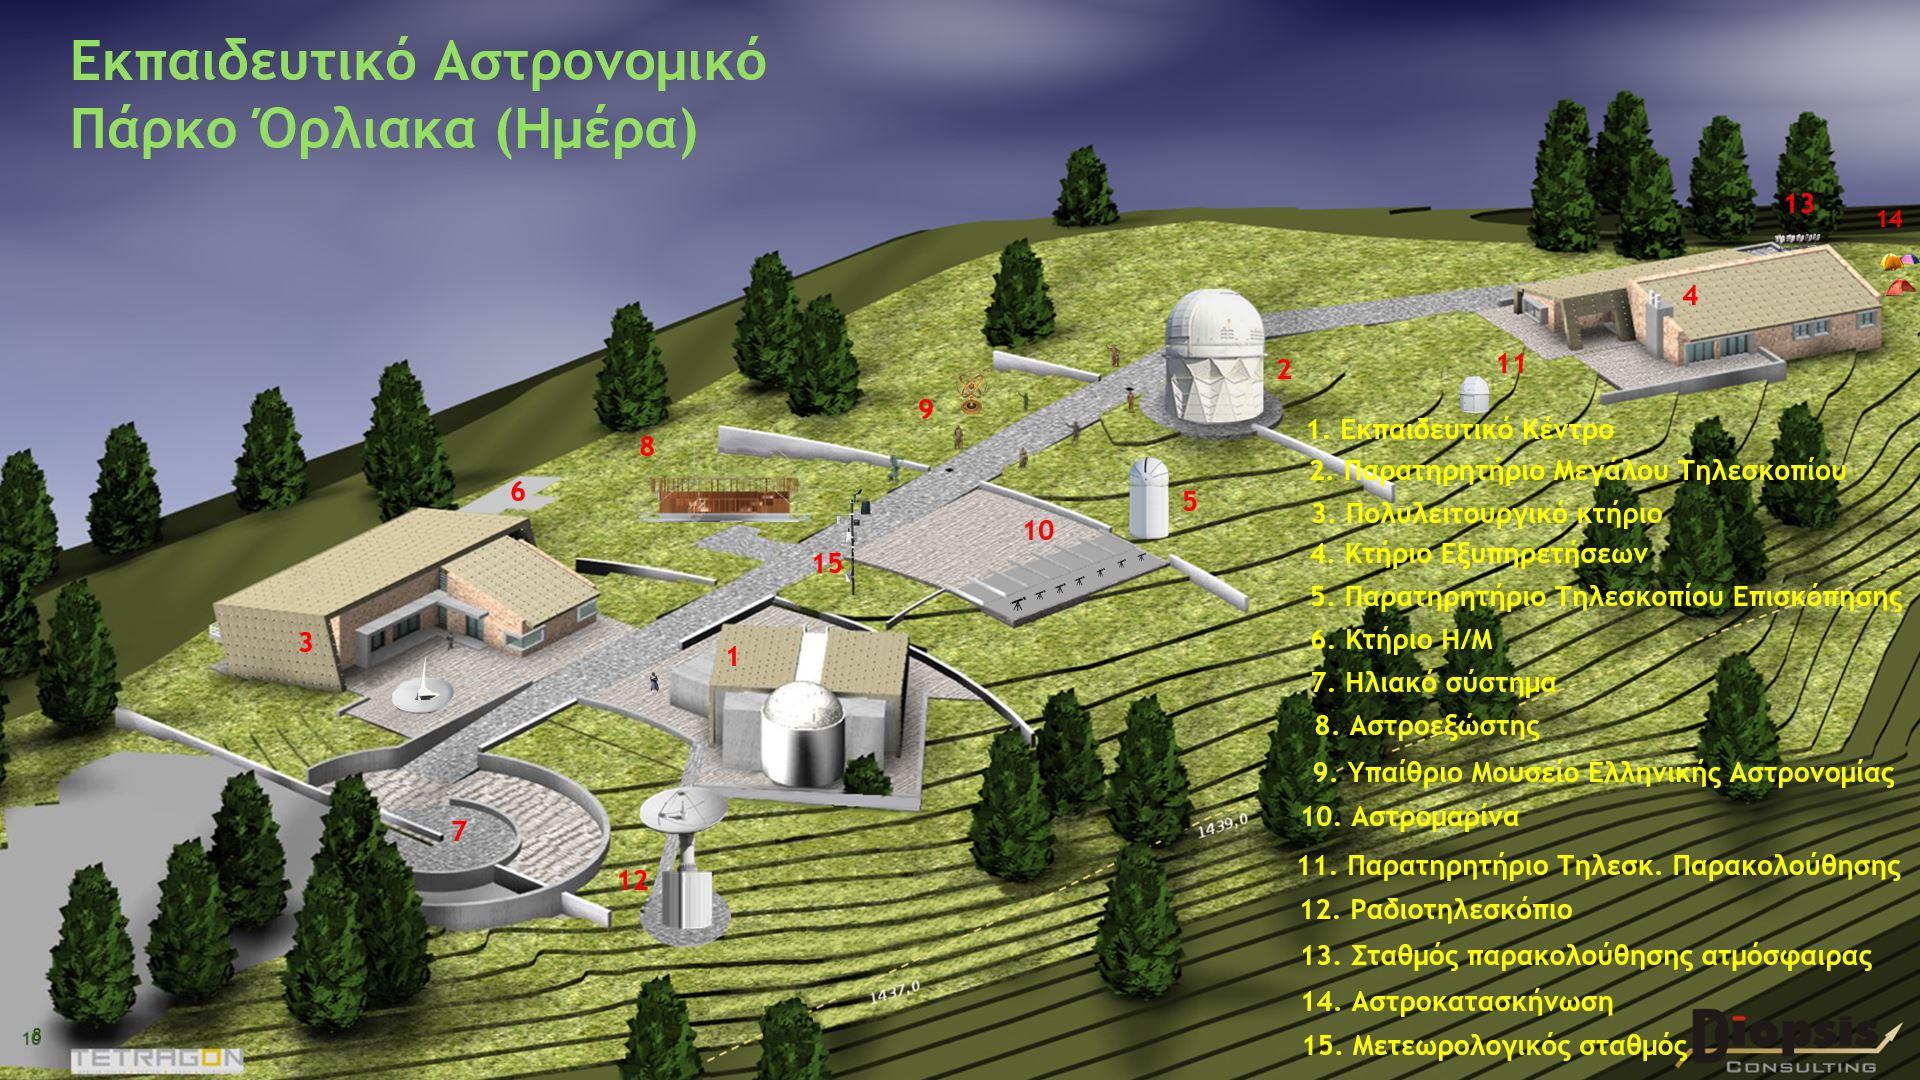 Δήλωση του Συλλόγου Φίλων του «Εκπαιδευτικού Αστρονομικού Πάρκου Όρλιακα»